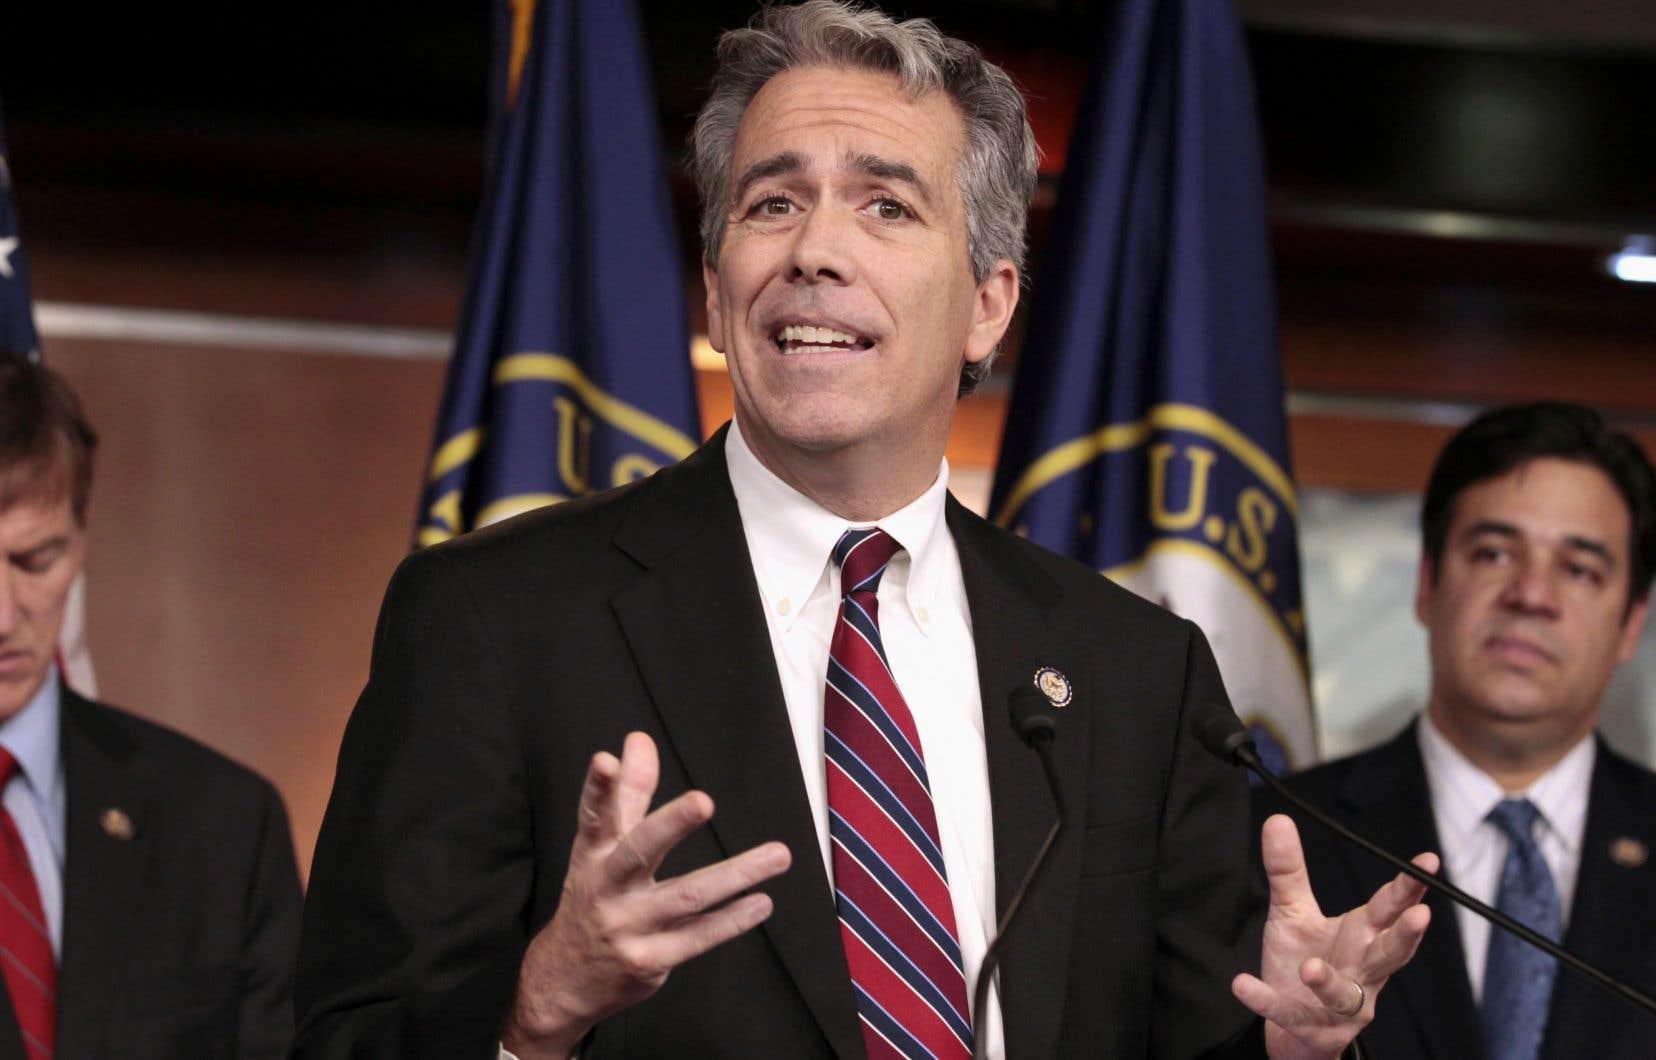 Le nouveau candidat s'appelle Joe Walsh et fut élu au Congrès en 2010 pour un seul mandat.